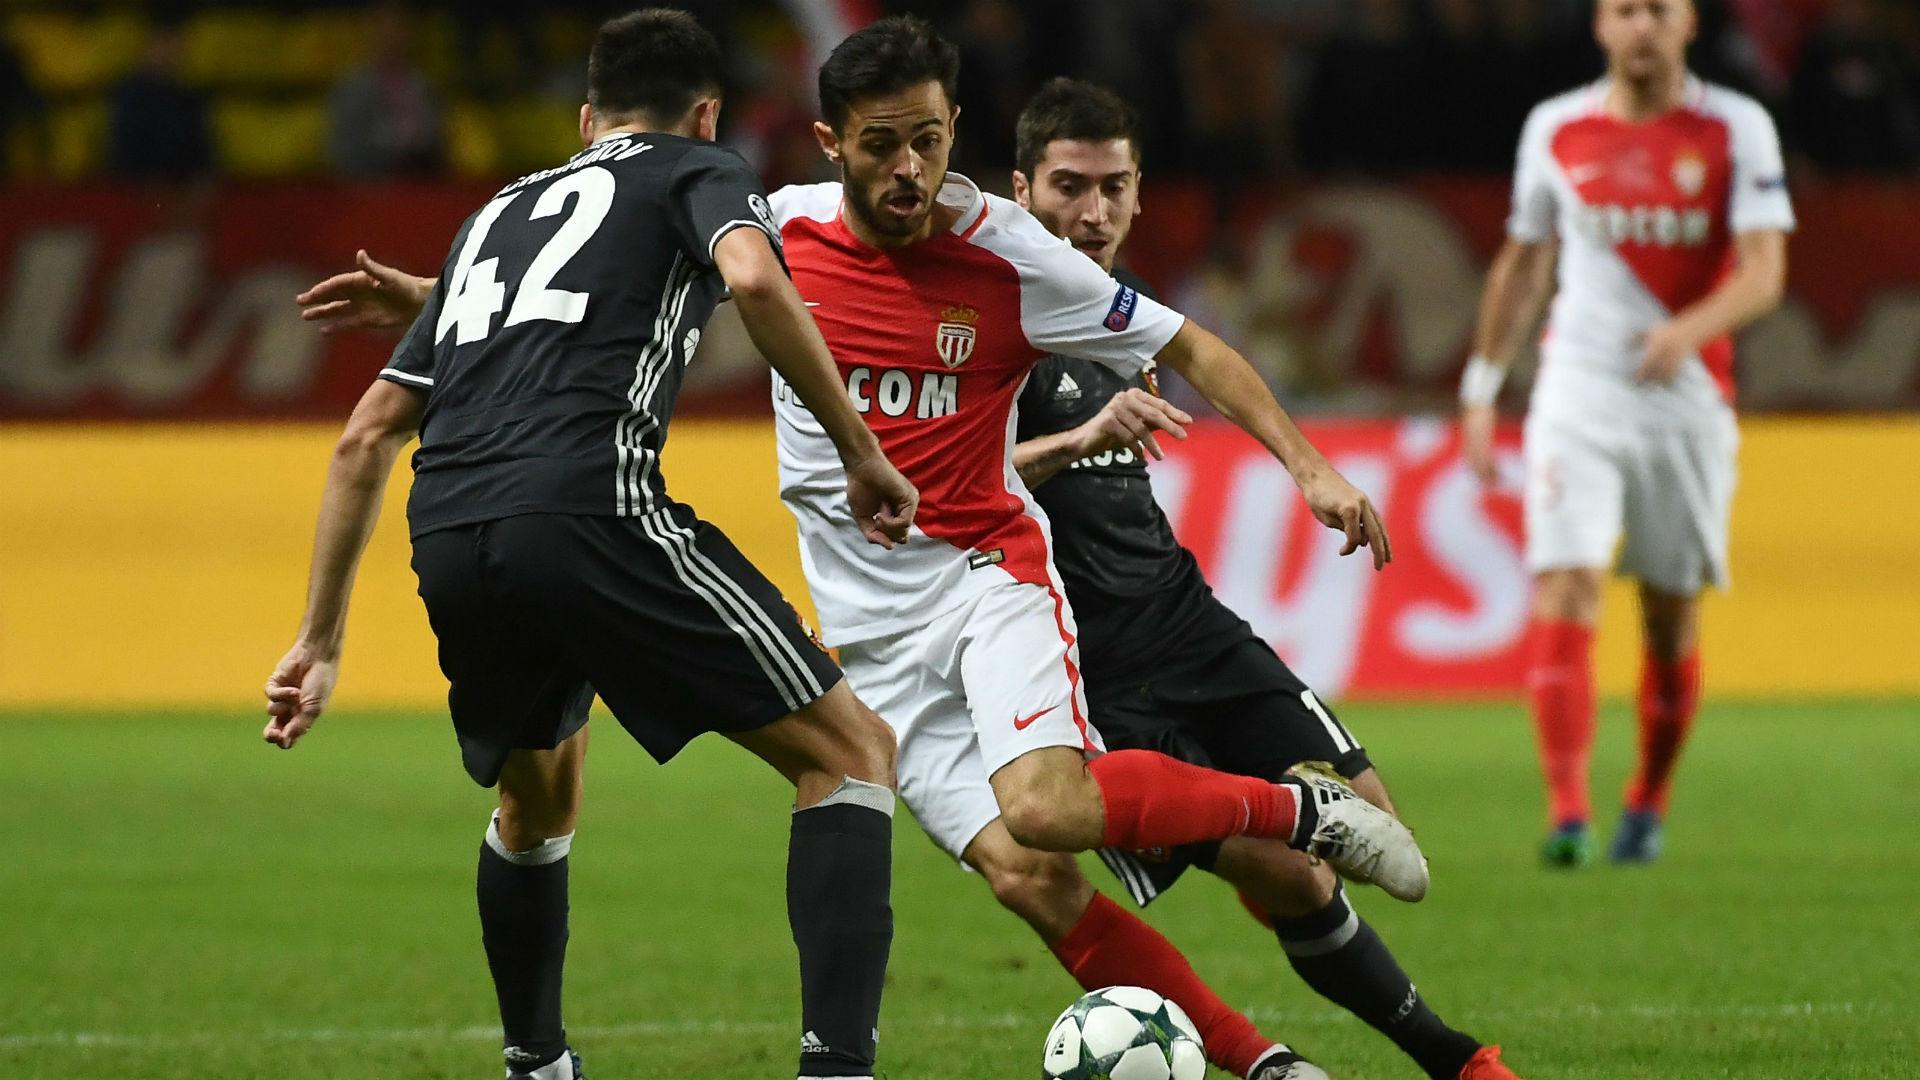 Bernardo Silva Georgi Shchennikov AS Monaco CSKA Moscow UEFA Champions League 02112016